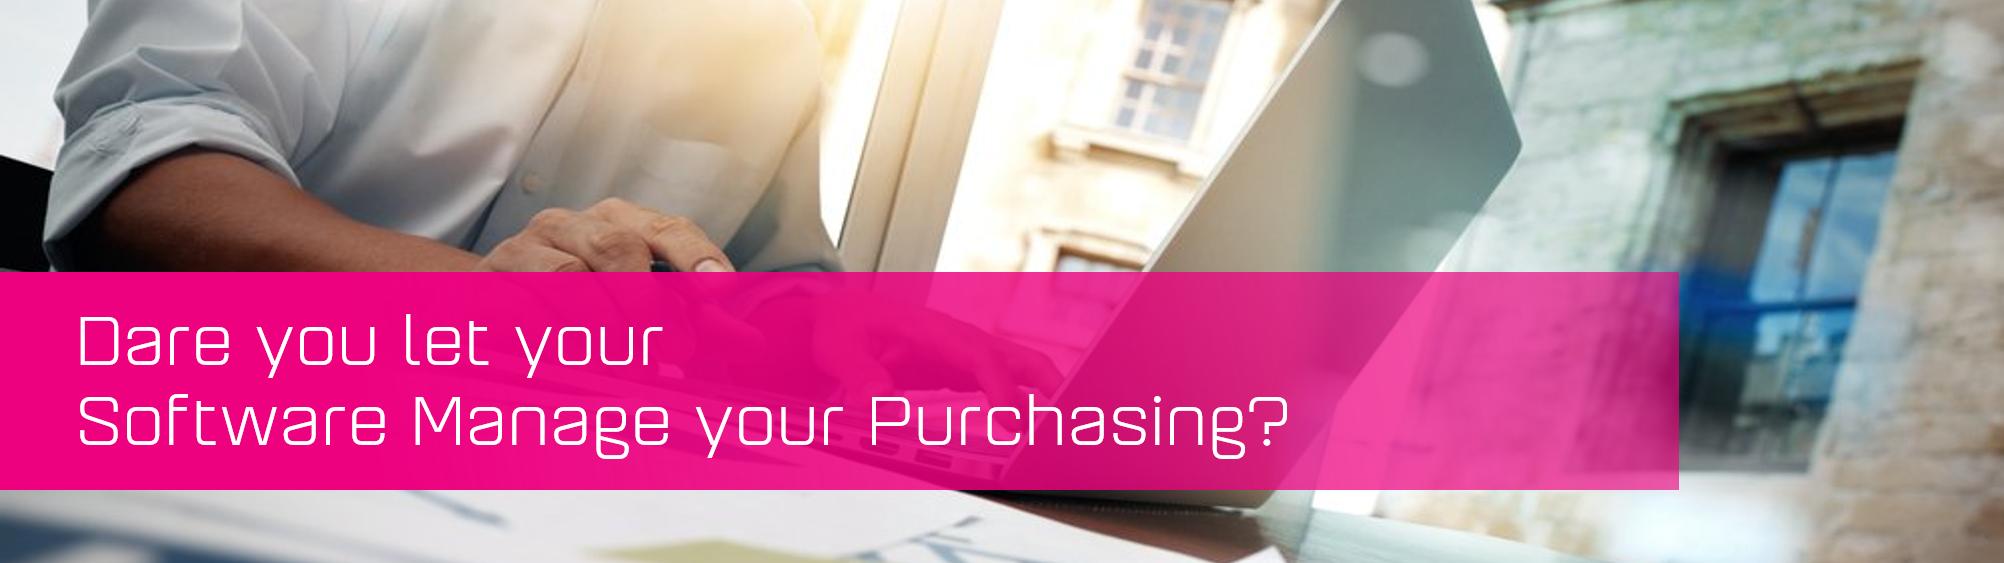 KCS SA - Blog - Software manages Purchasing Stock